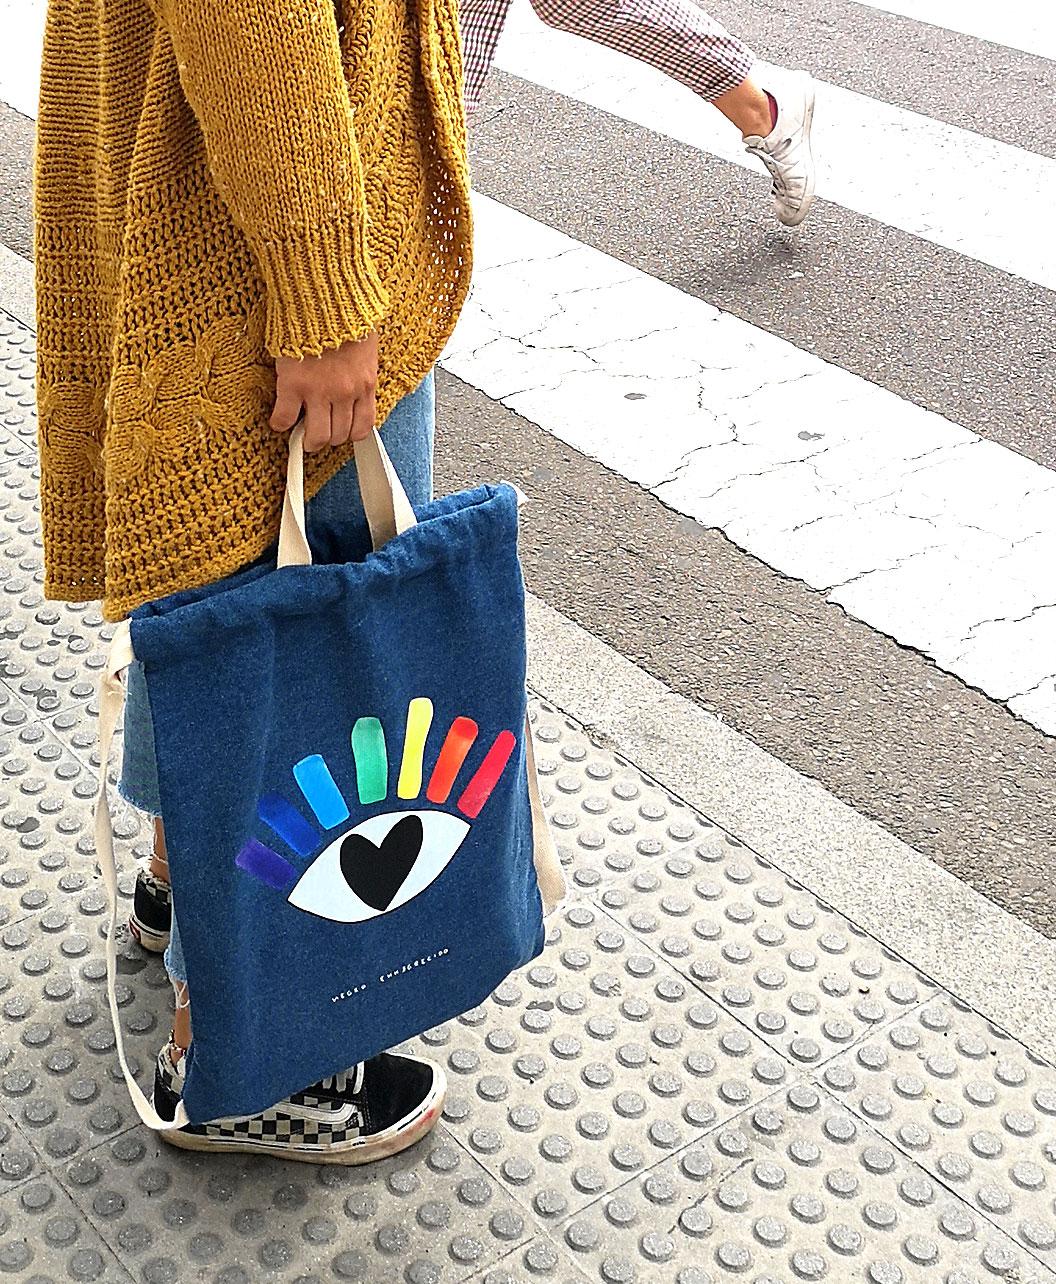 mochila bolso vaquero denim doble asa original ilustracion ojo arcoiris